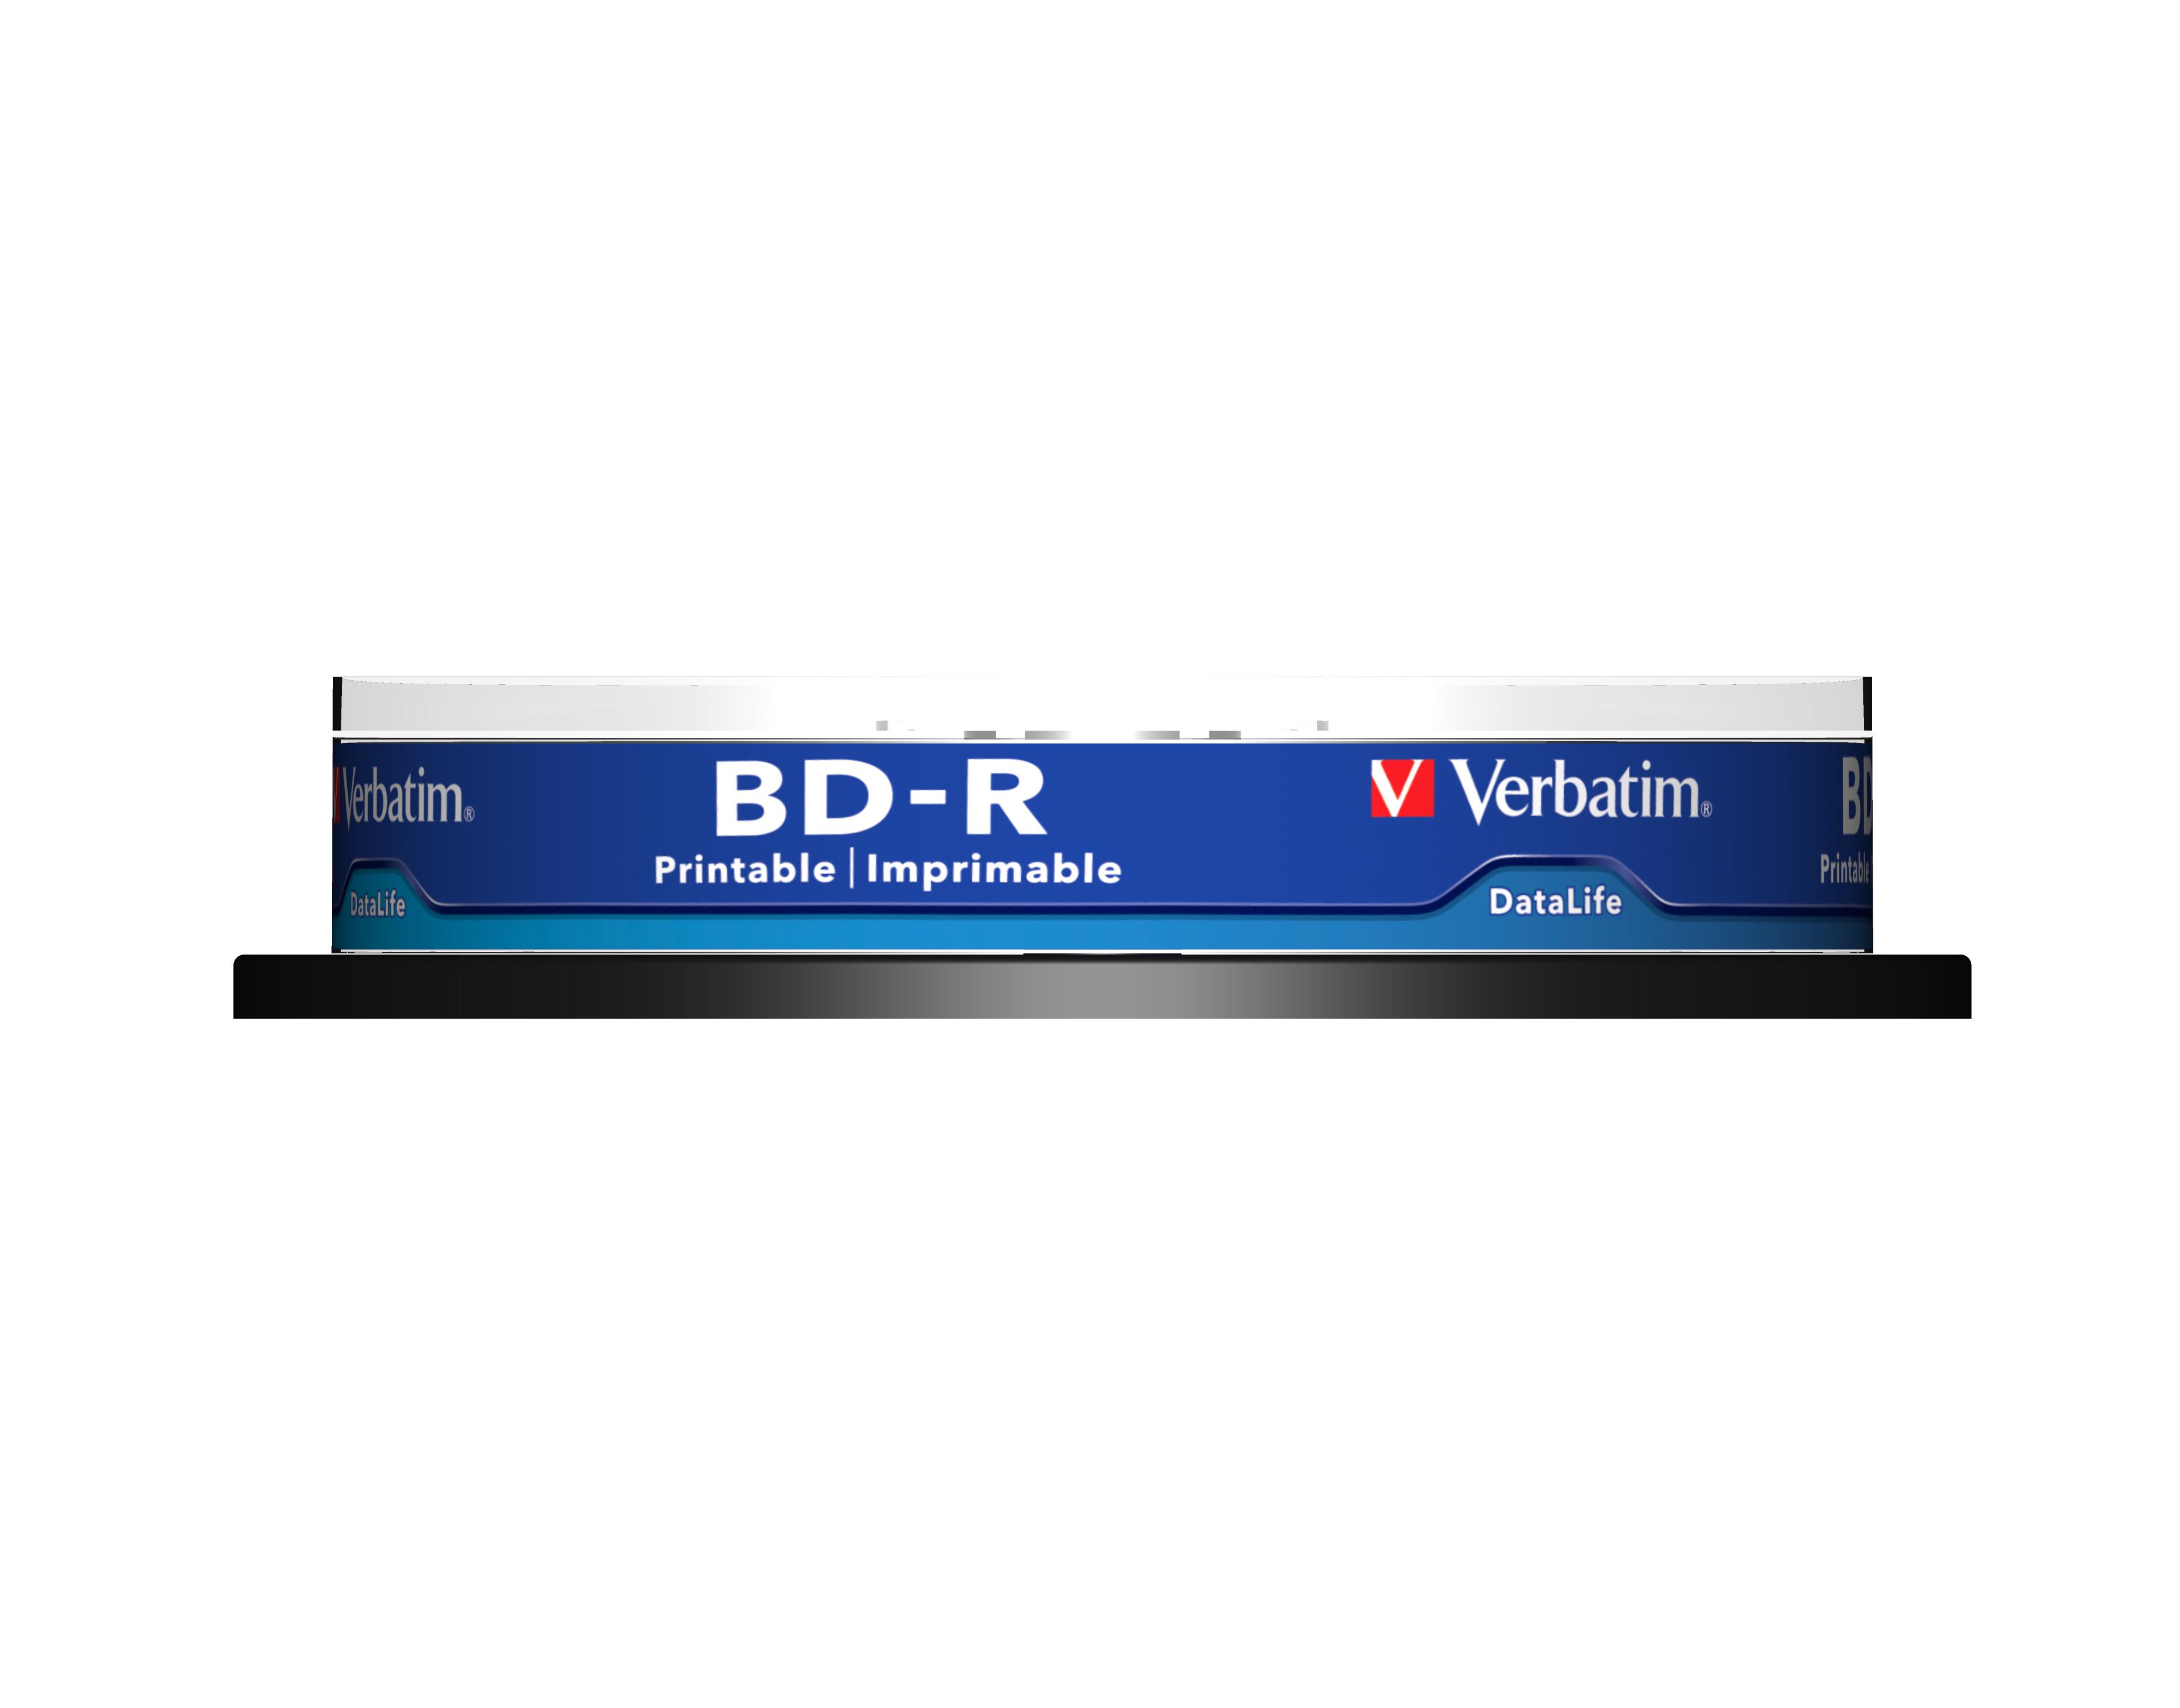 BD-R Single Layer 25 GB, 6 speed (wide printable, geen ID, 10-pack spindel)